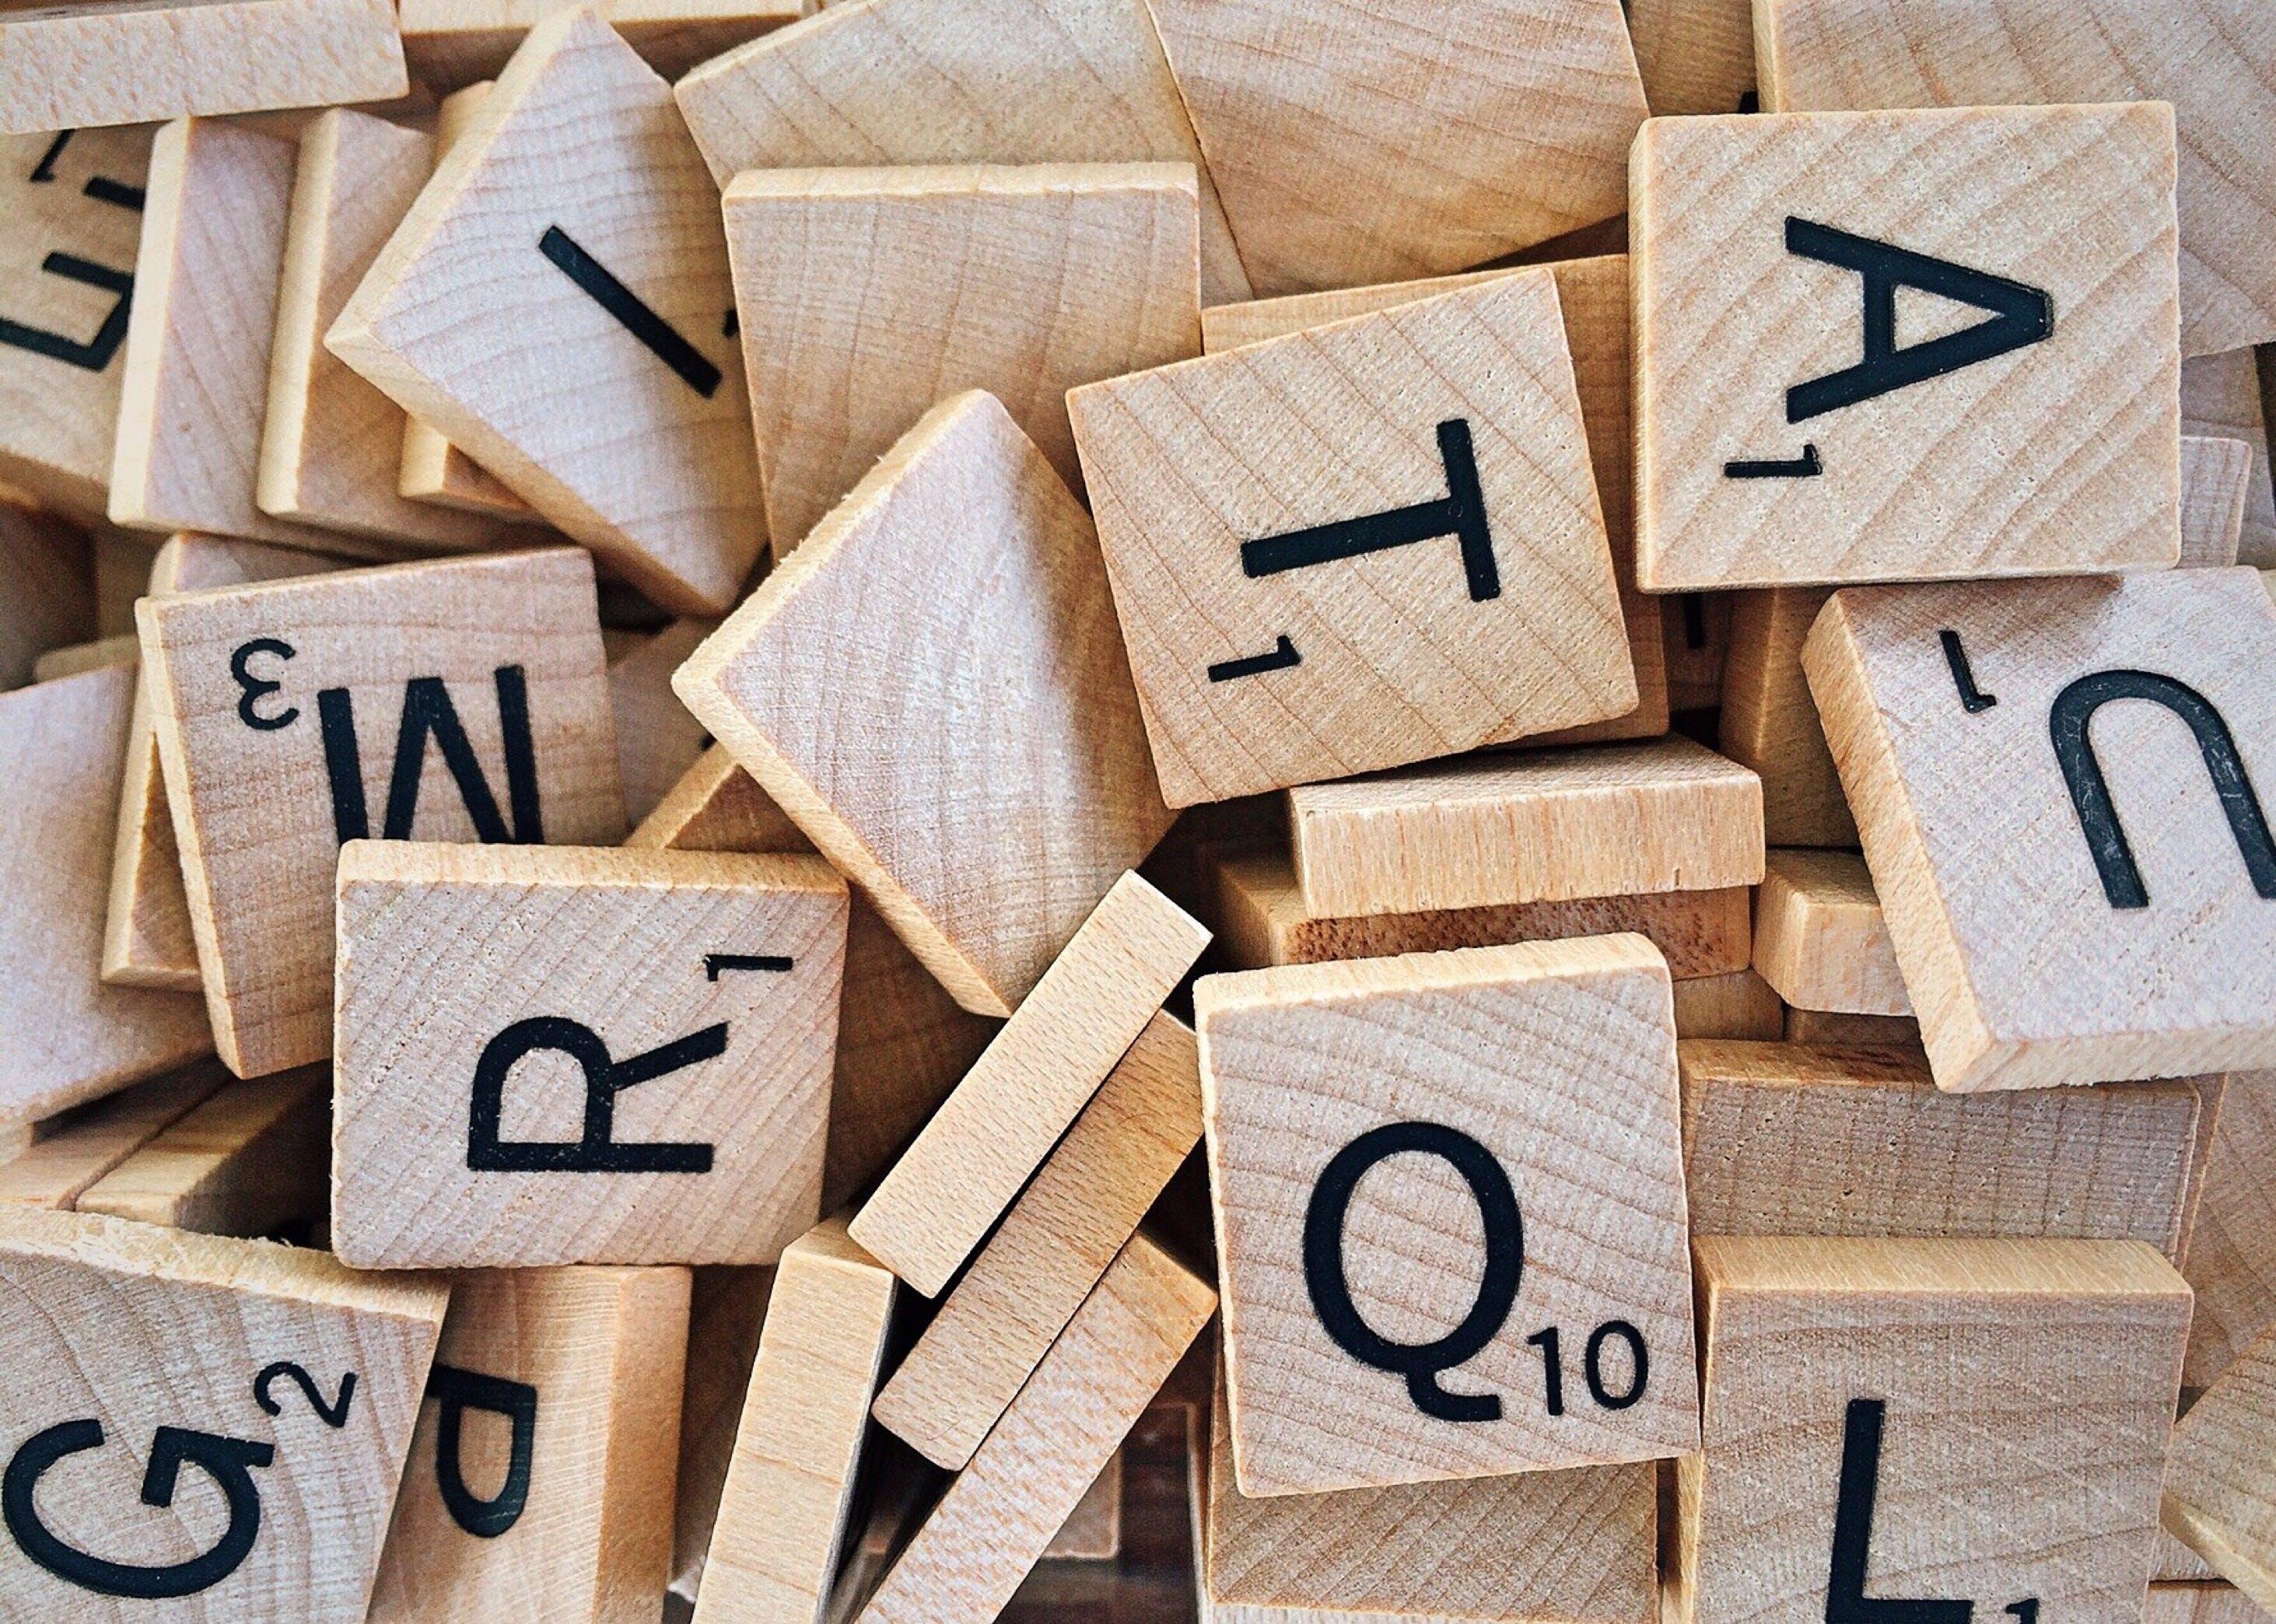 zu alphabet, art, auftrag, begrifflich